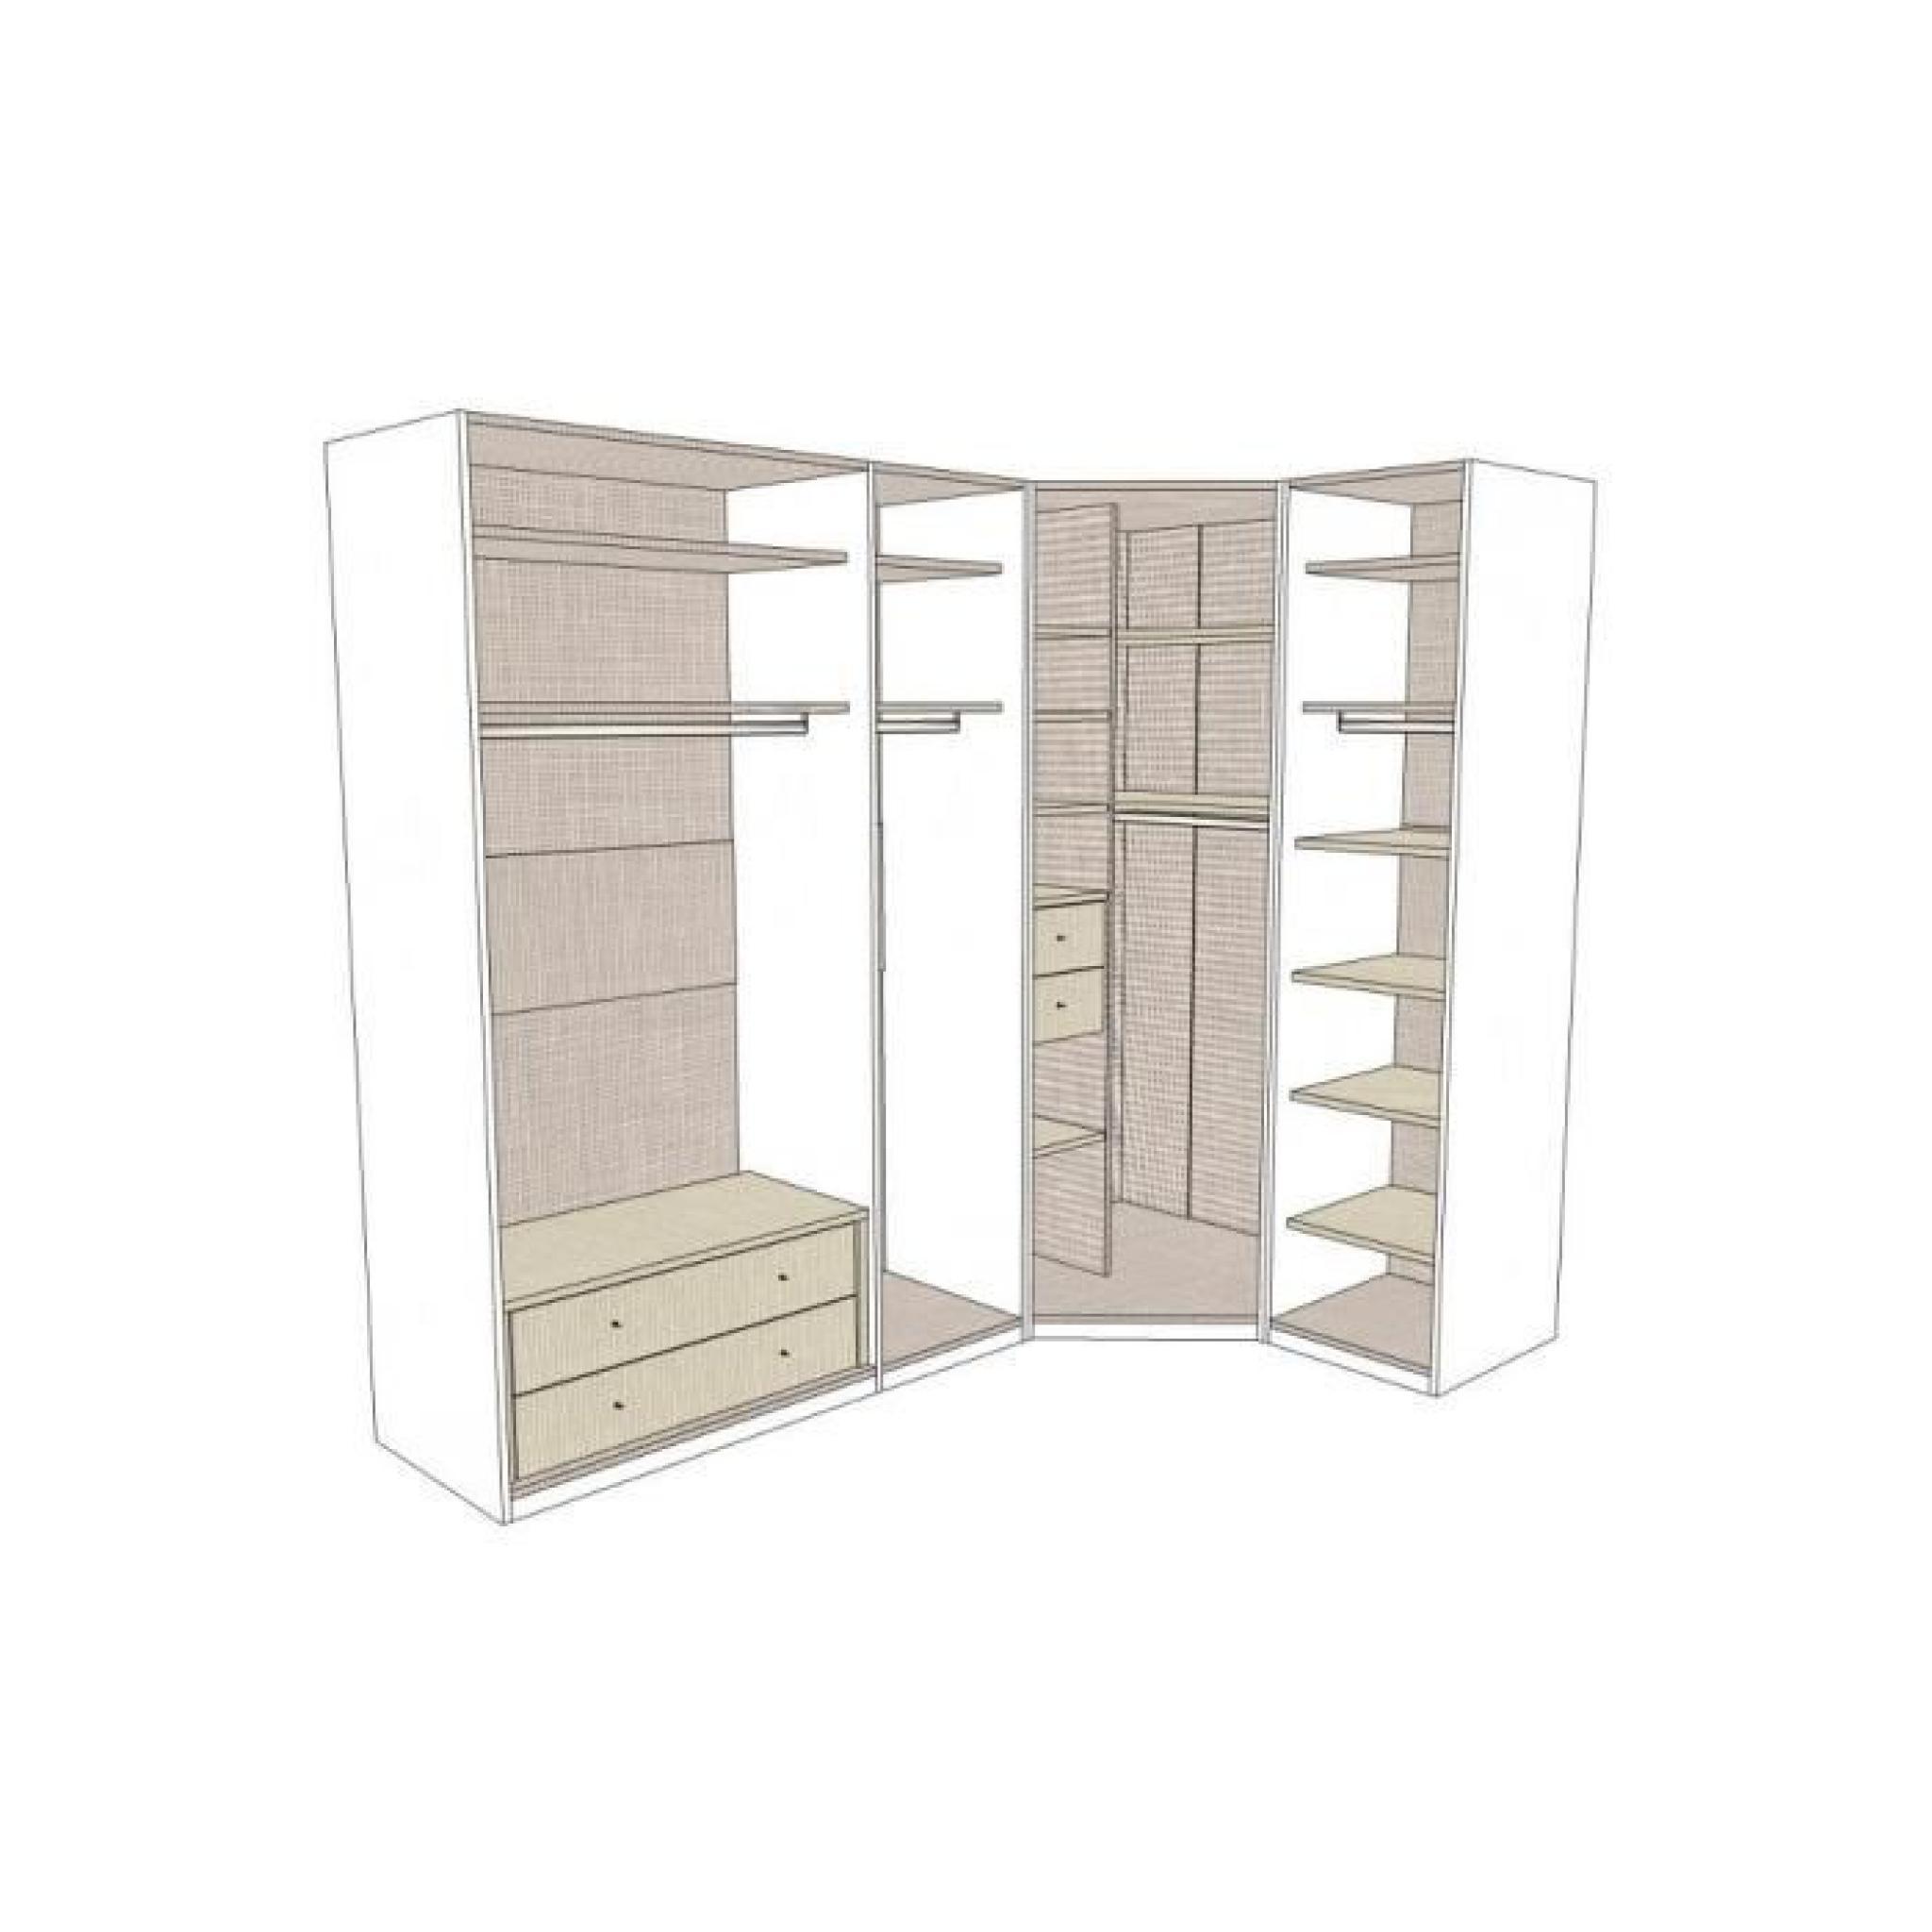 dressing d 39 angle solano l197 x l197 x h220 bois achat vente dressing pas cher couleur et. Black Bedroom Furniture Sets. Home Design Ideas